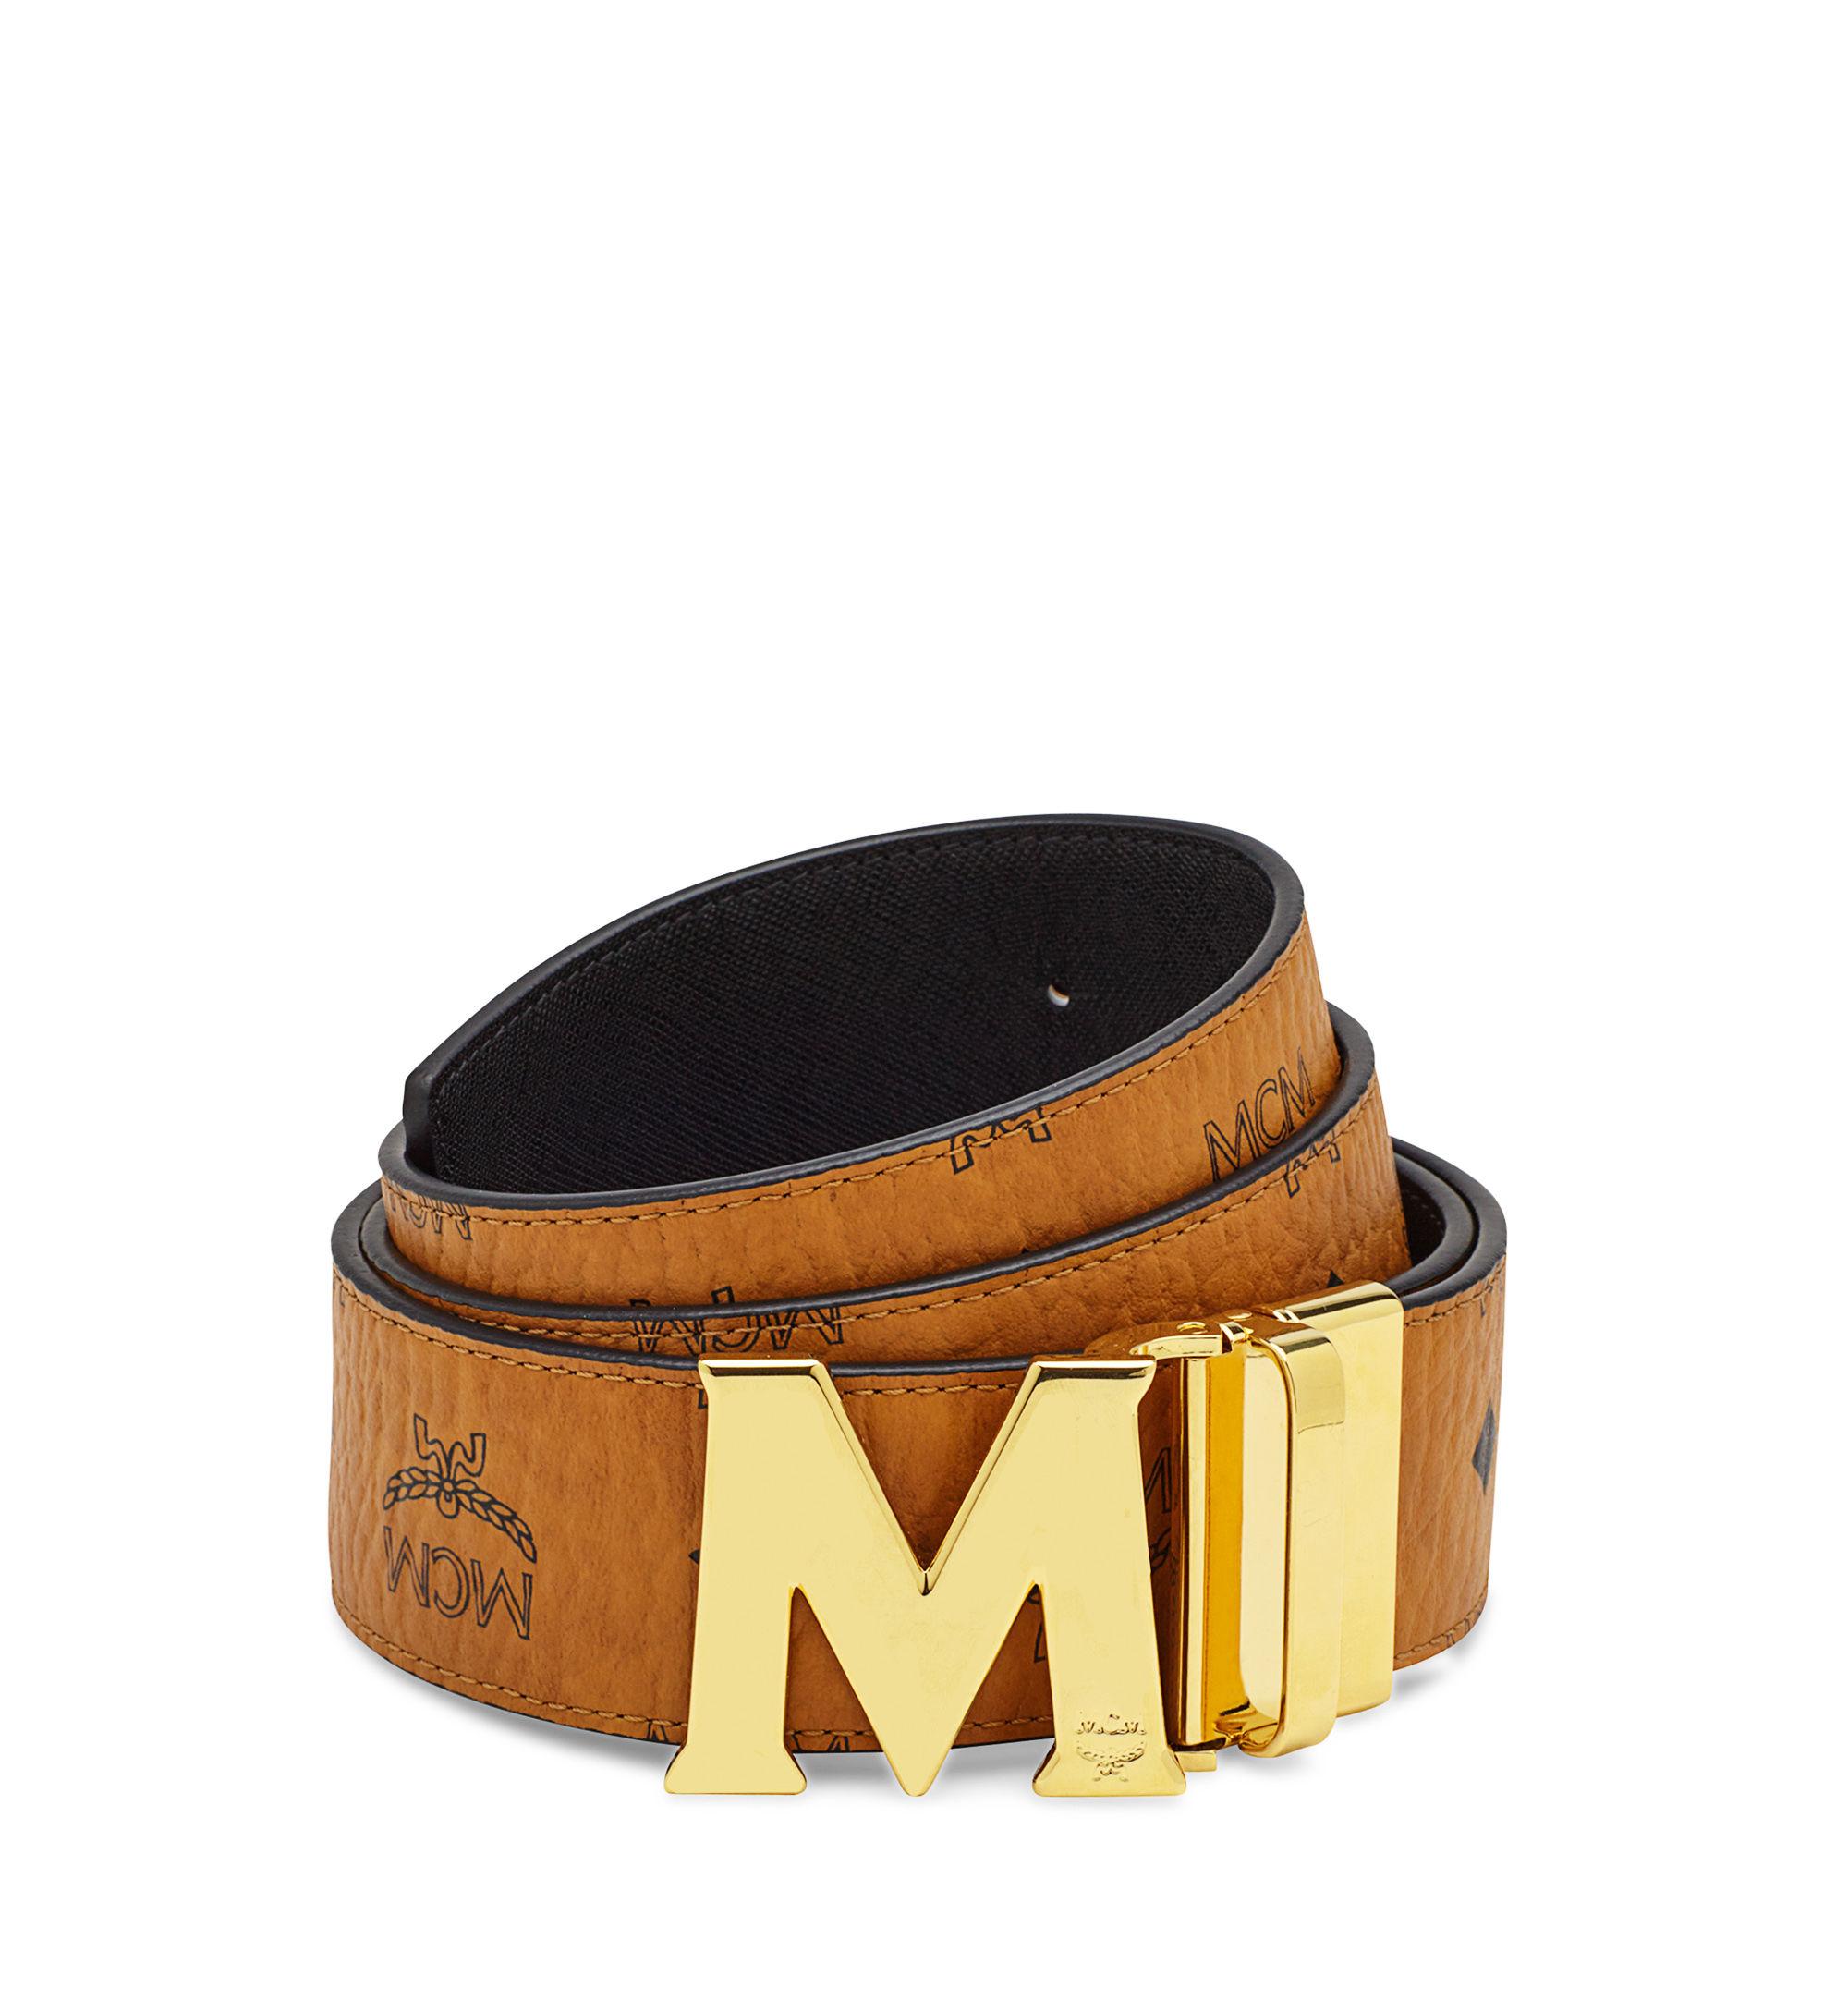 Mcm Visetos Round Belt In Black For Men Lyst